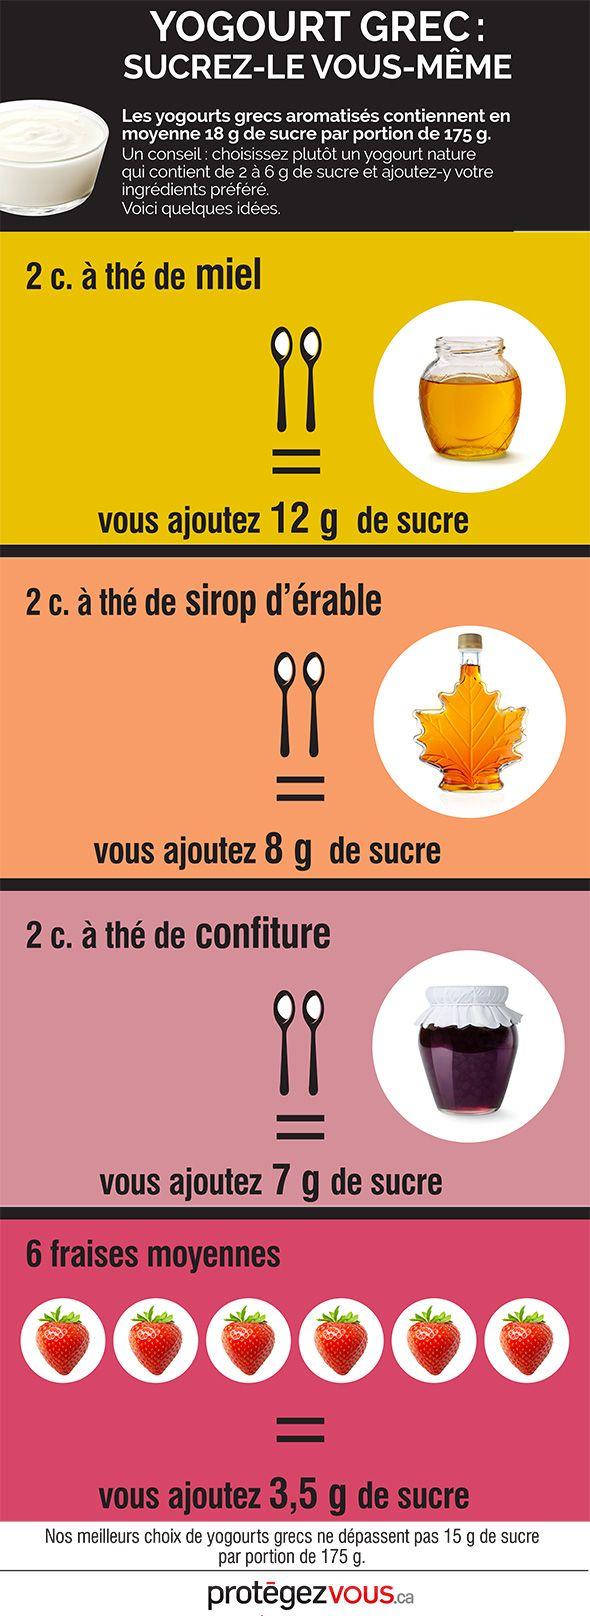 Yogourt grec: sucrez-le vous-même | Protégez-Vous.ca